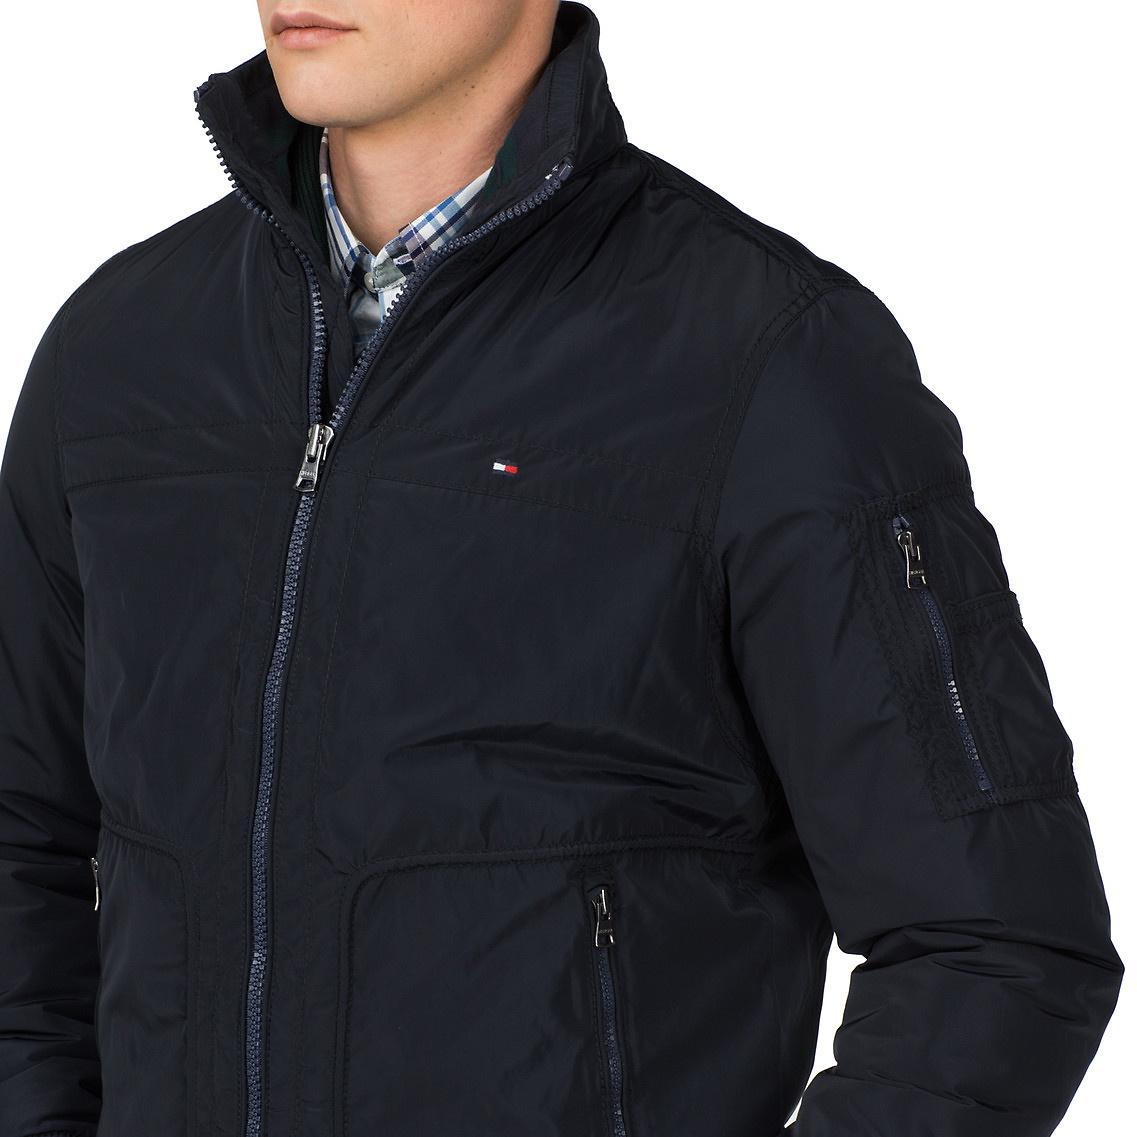 tommy hilfiger micha bomber jacket in blue for men. Black Bedroom Furniture Sets. Home Design Ideas